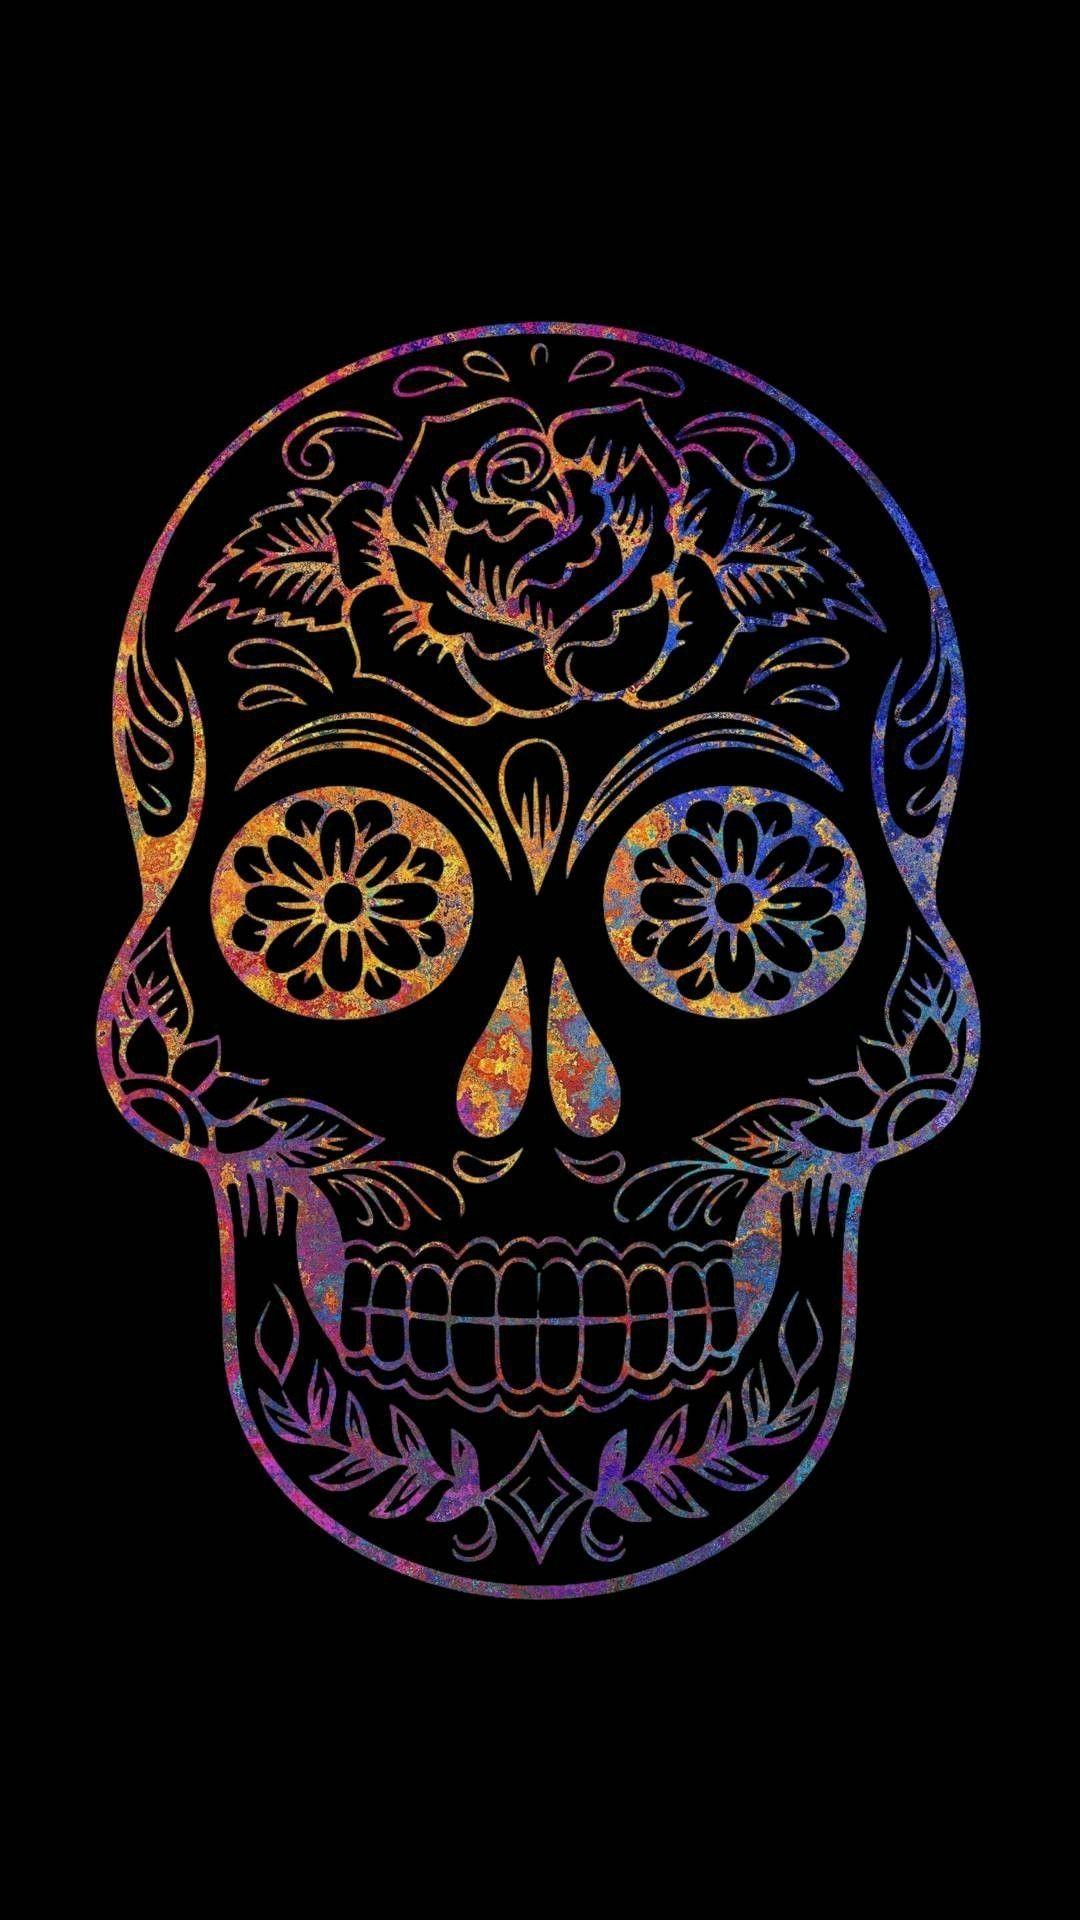 Feminine Sugar Skull Wallpaper Mobile Is Best Wallpaper On Flowerswallpaper Info If You Like It Iphone In 2020 Skull Wallpaper Sugar Skull Wallpaper Skull Pictures